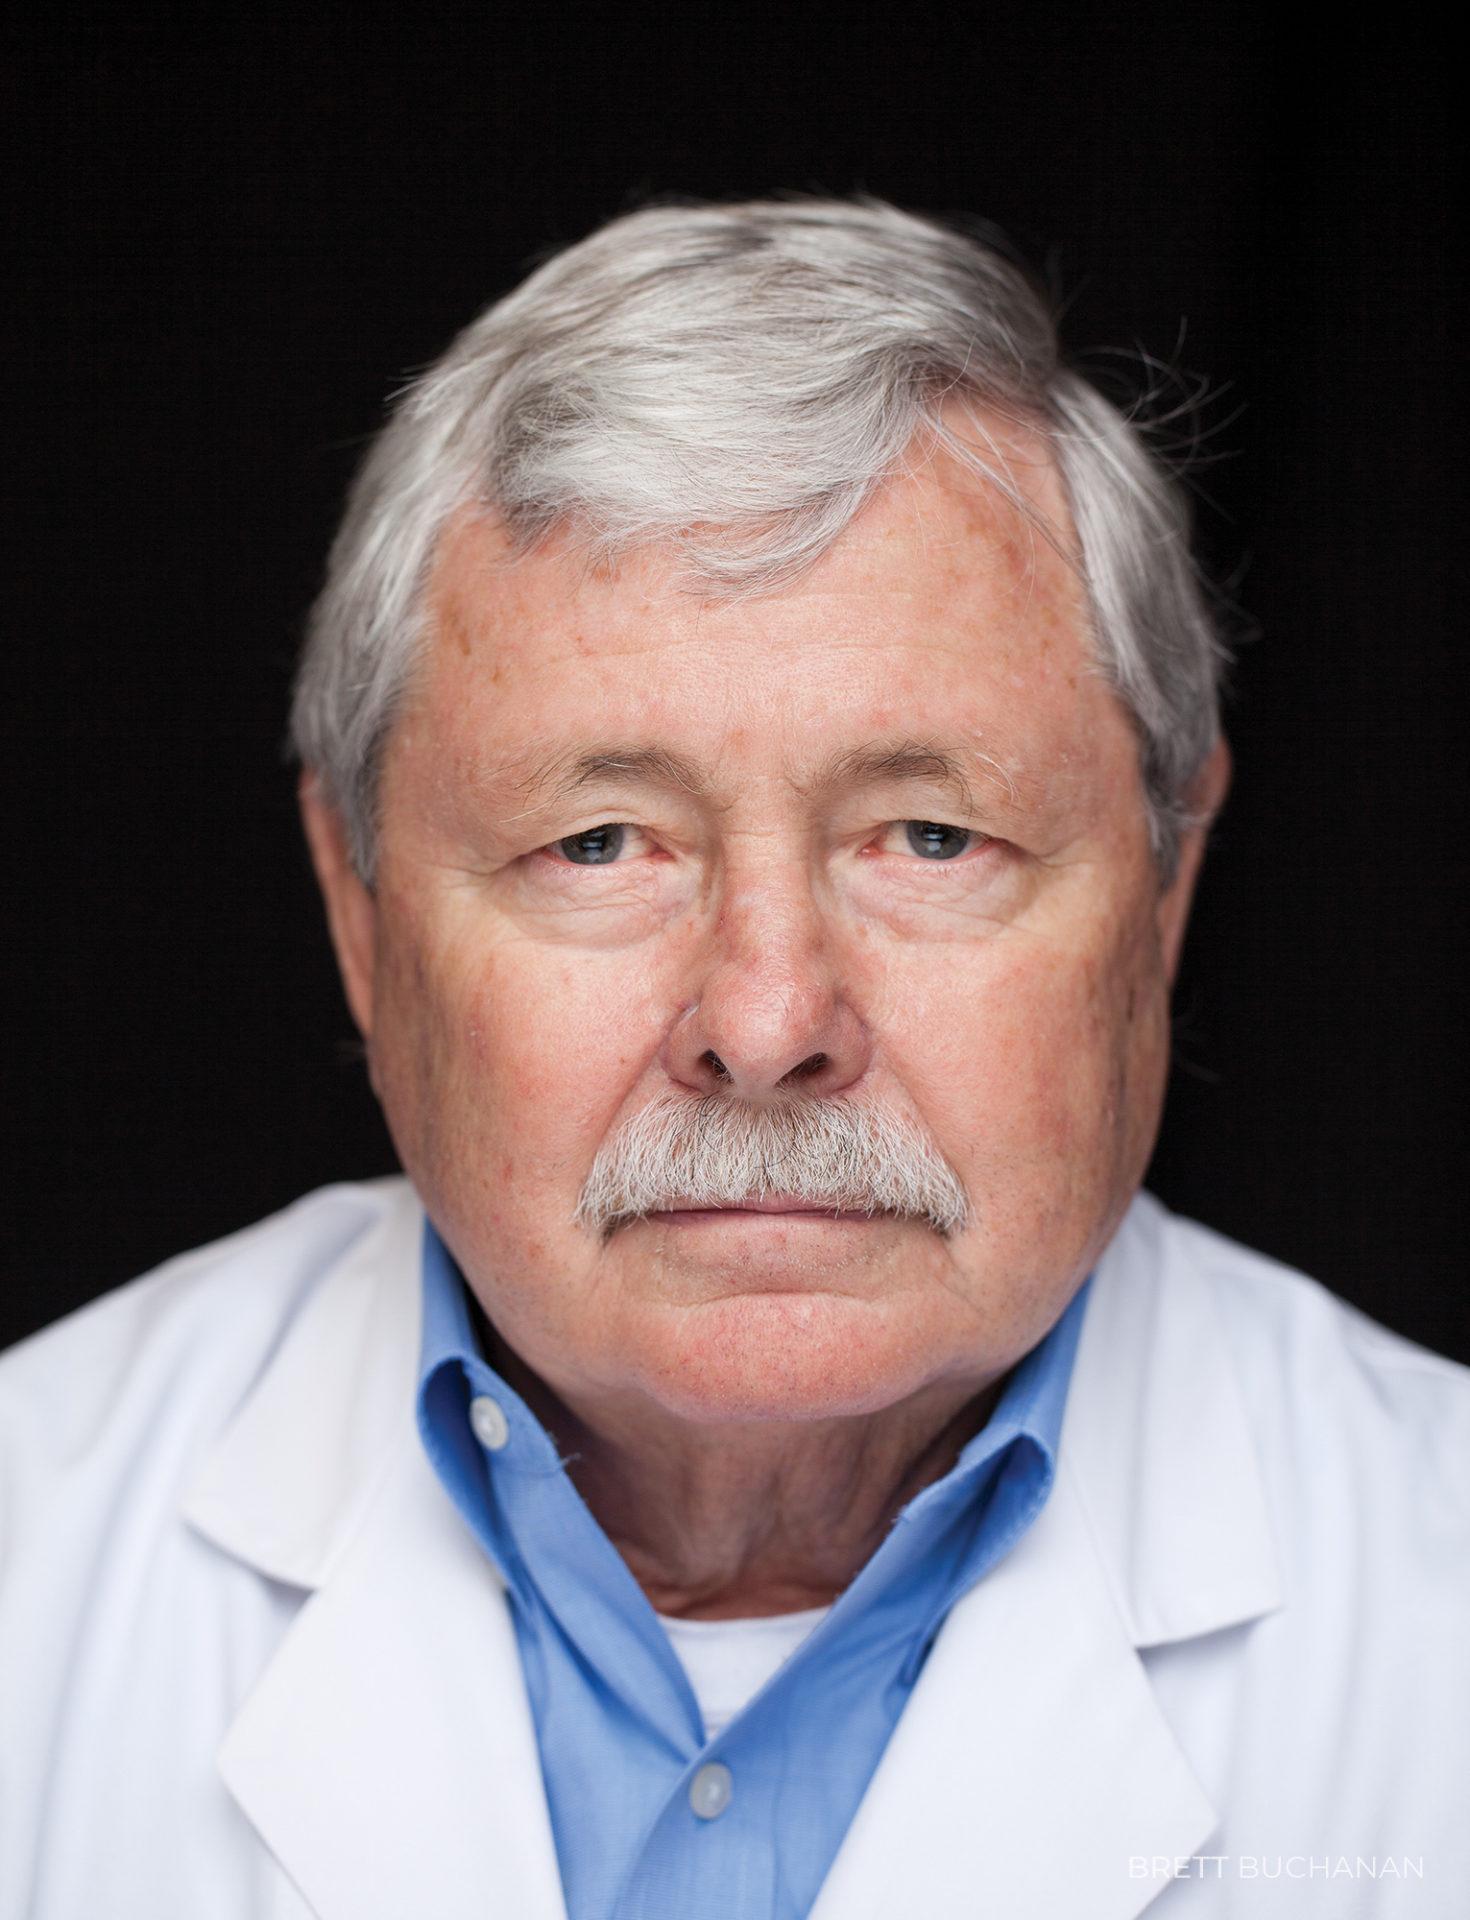 Brett-Buchanan-Texas-Medicine-13